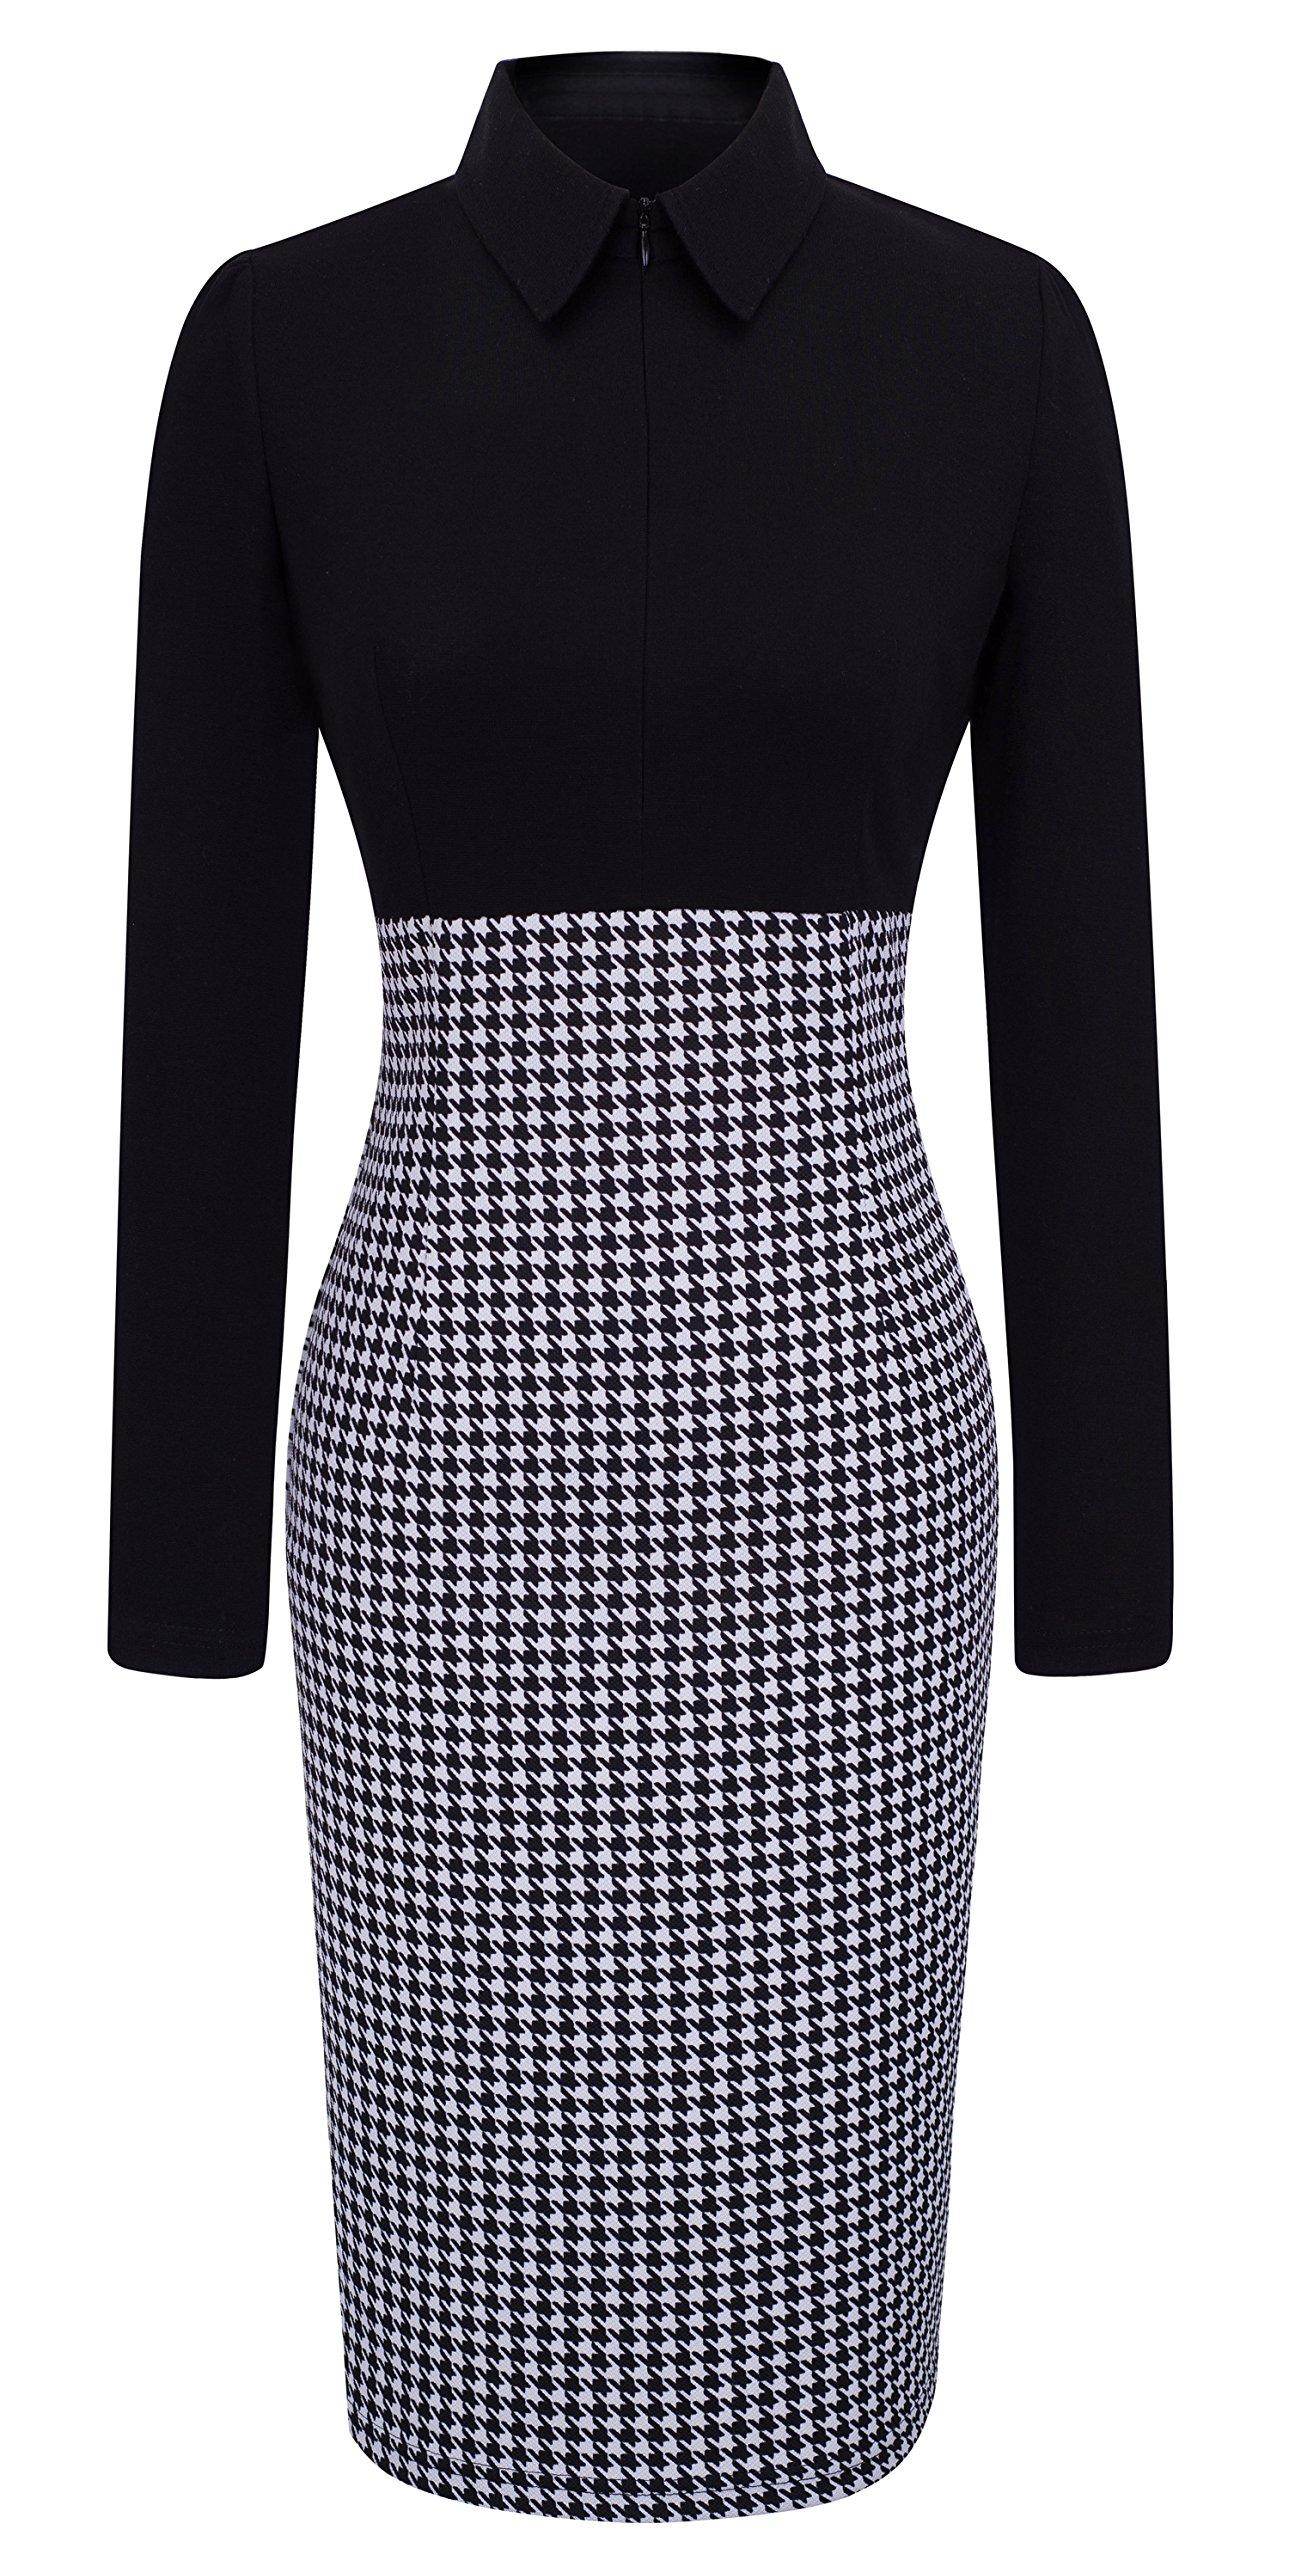 HOMEYEE Women's Voguish Houndstooth Long Sleeve Career Pencil Dress B31 (4, Black) by HOMEYEE